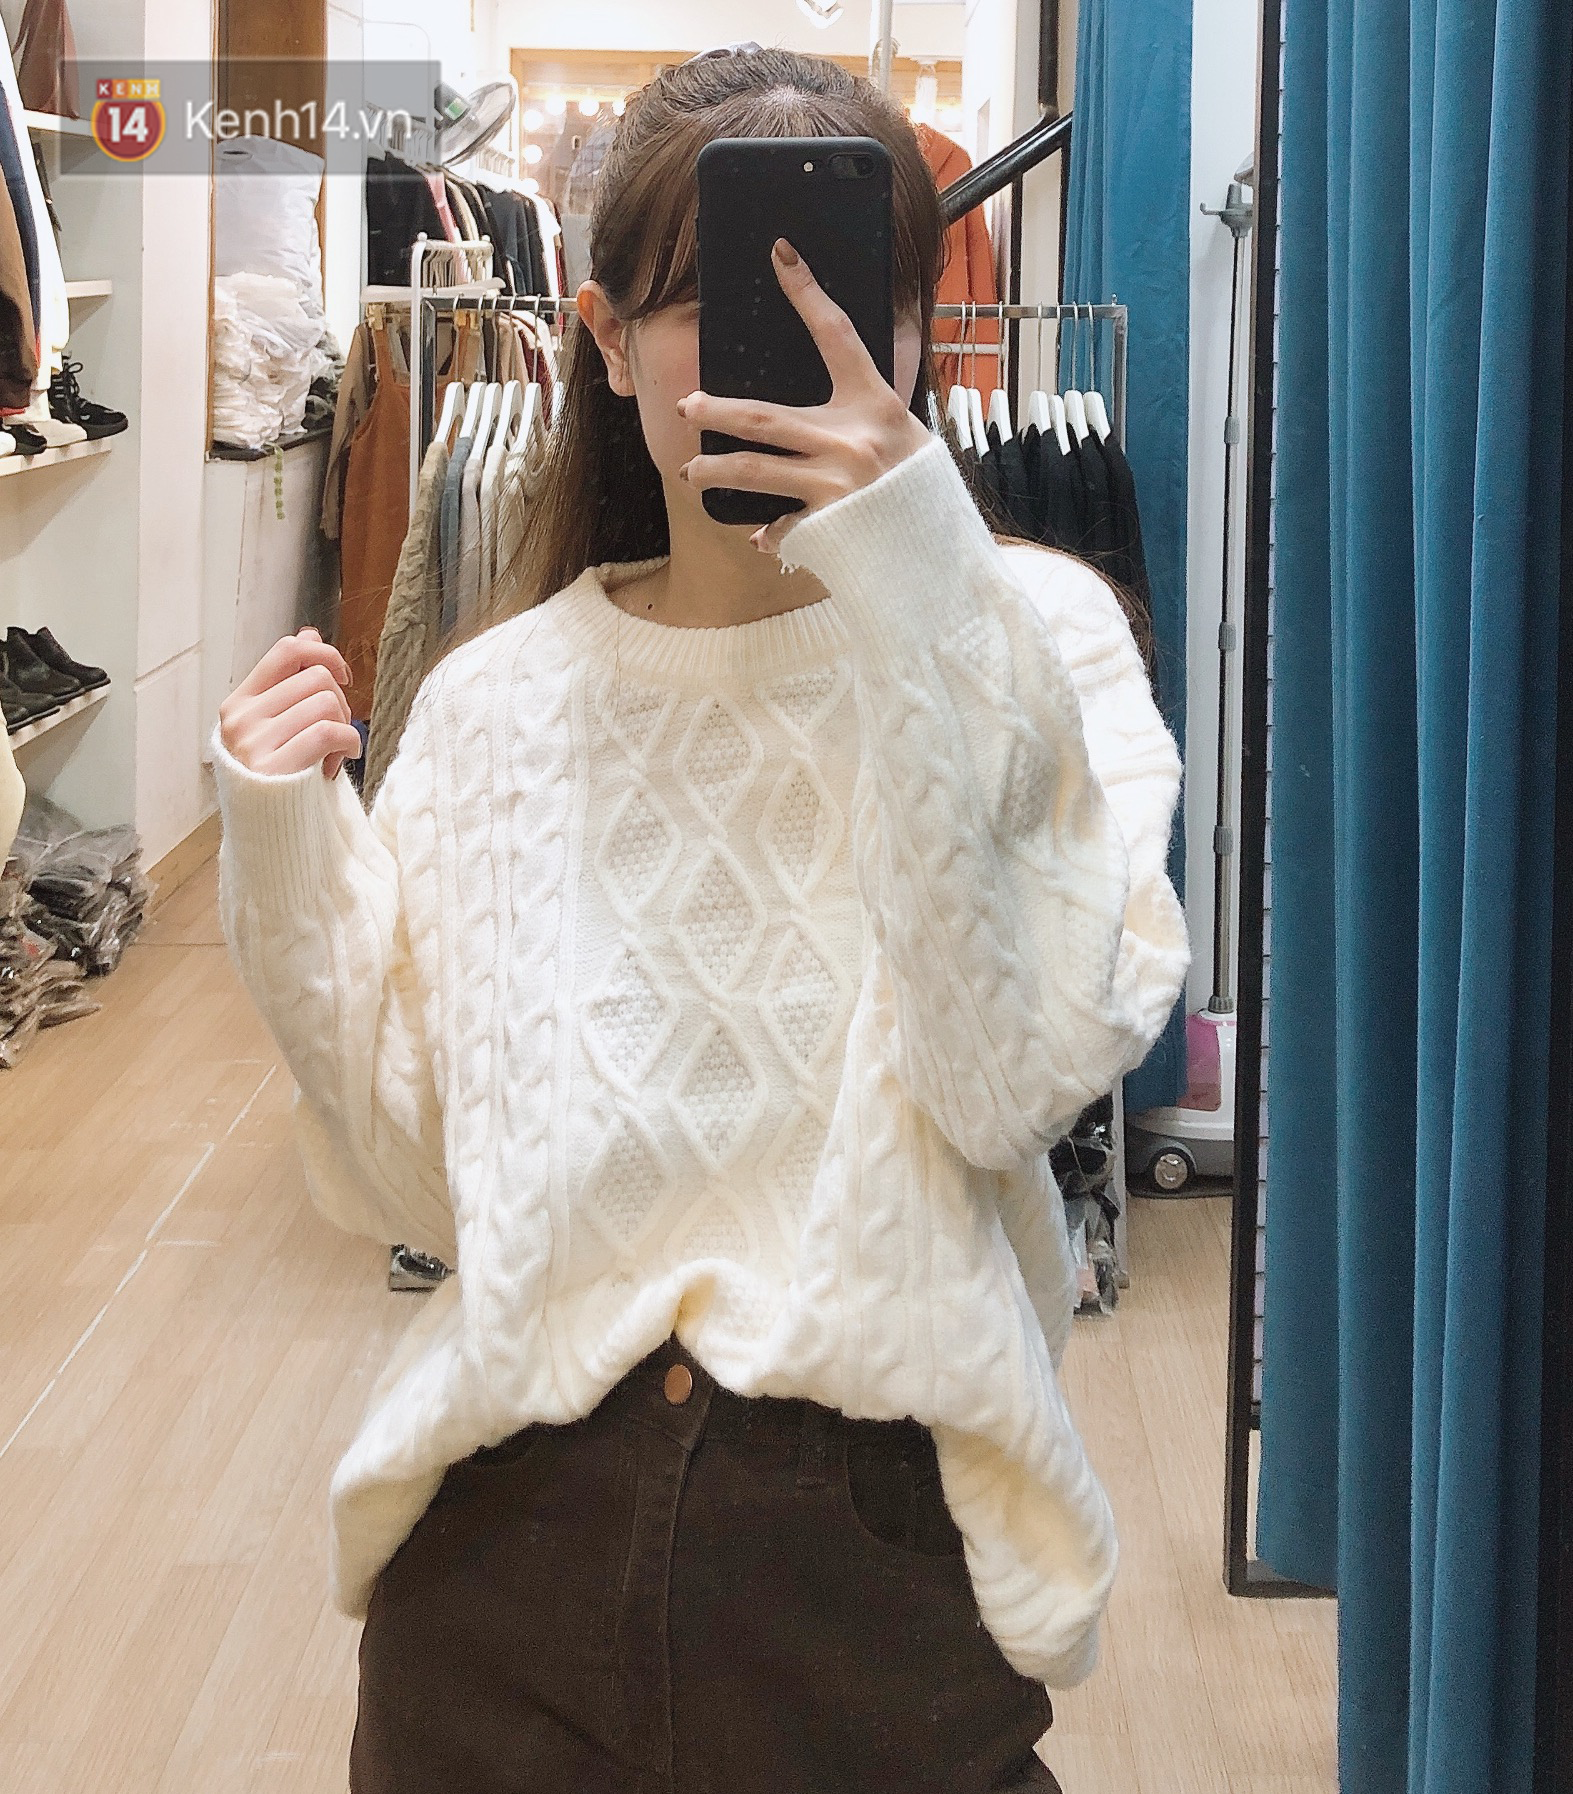 Mua áo len ở khu Chùa Láng: Chỉ từ 280K đã sắm được áo vừa xinh vừa ấm - Ảnh 5.